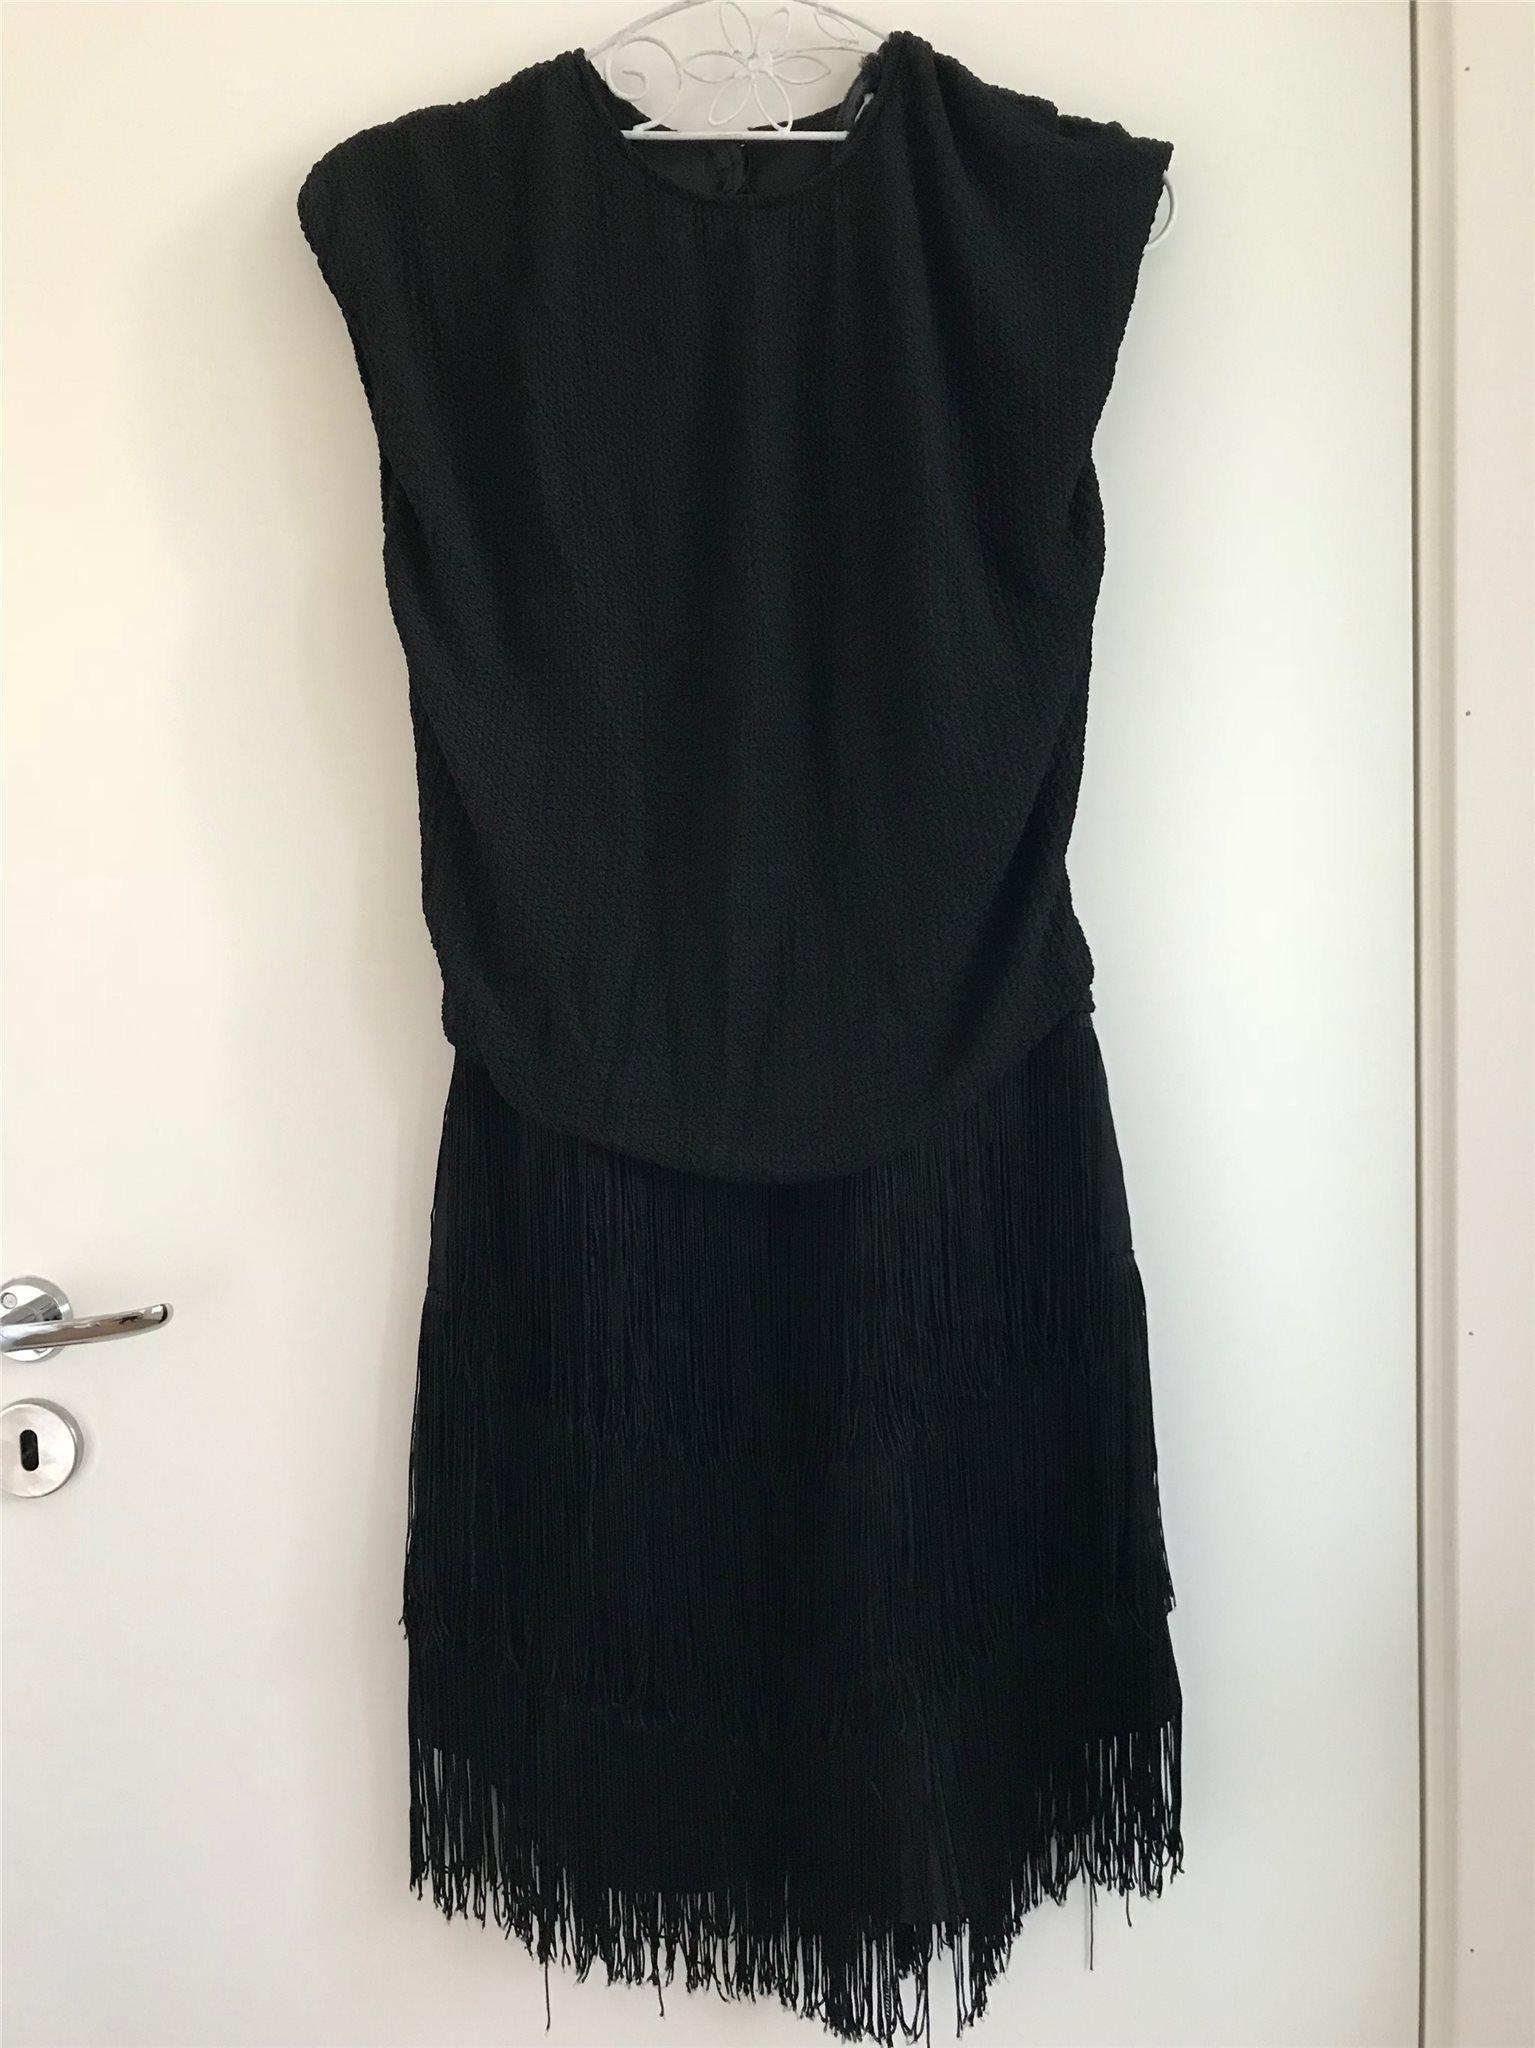 20 tals klänning till salu